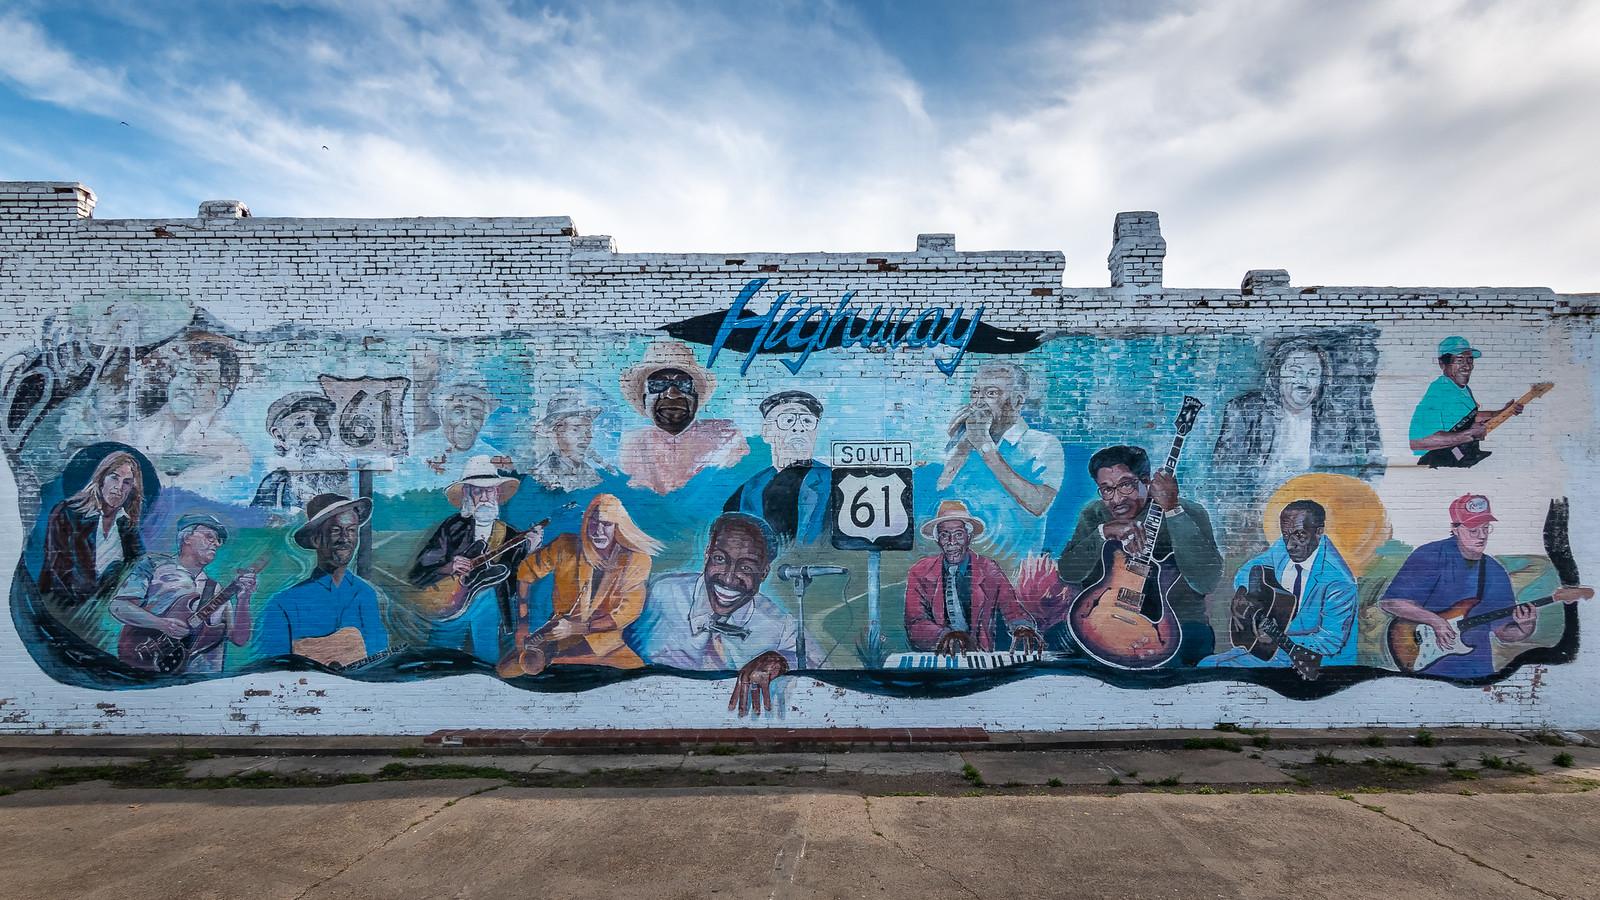 Leland - Mississippi - [USA]